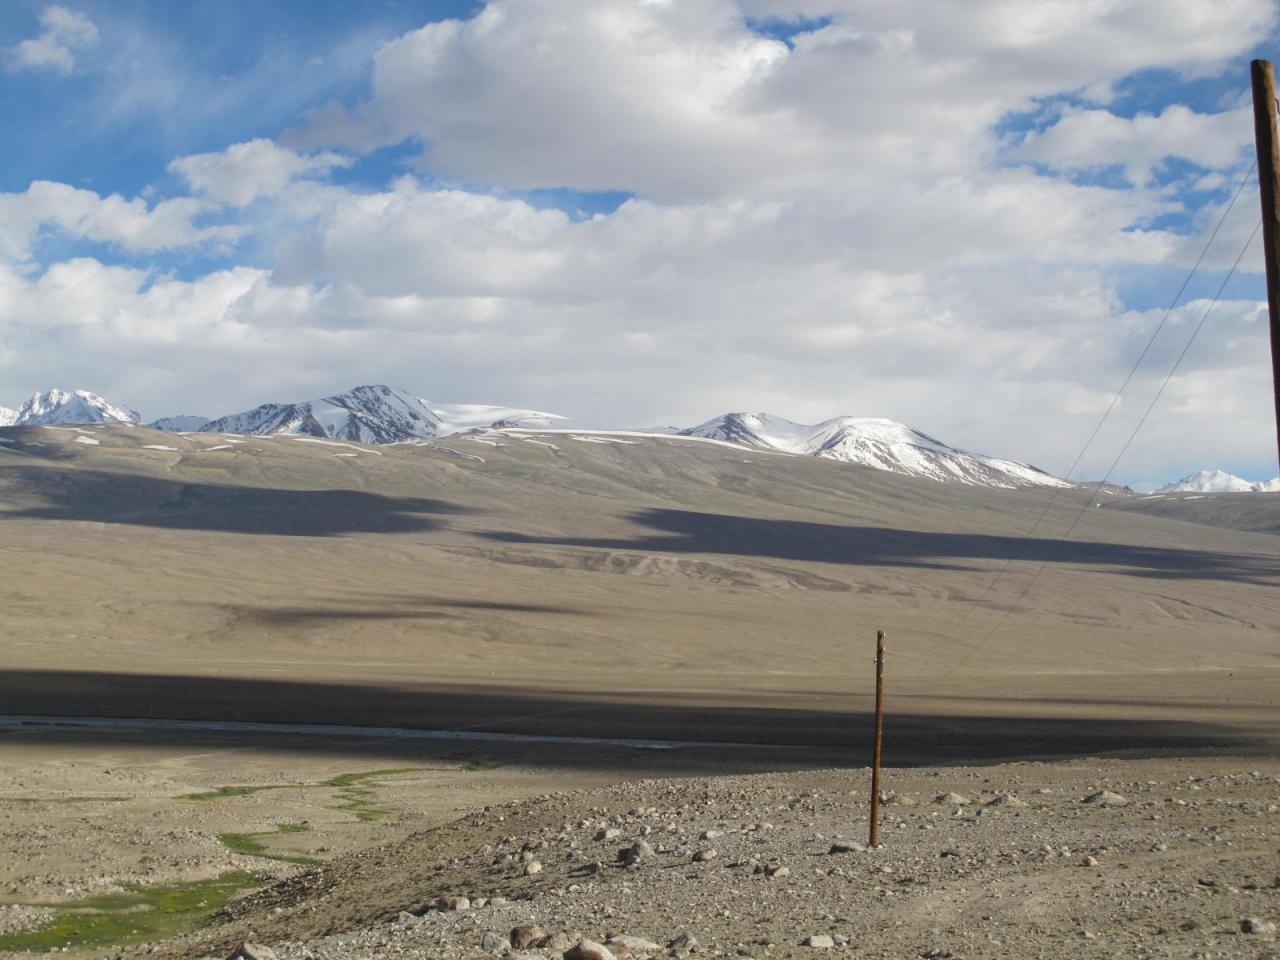 中央アジア周遊(20)【ランガールからパミールハイウェイでムルカブへ】